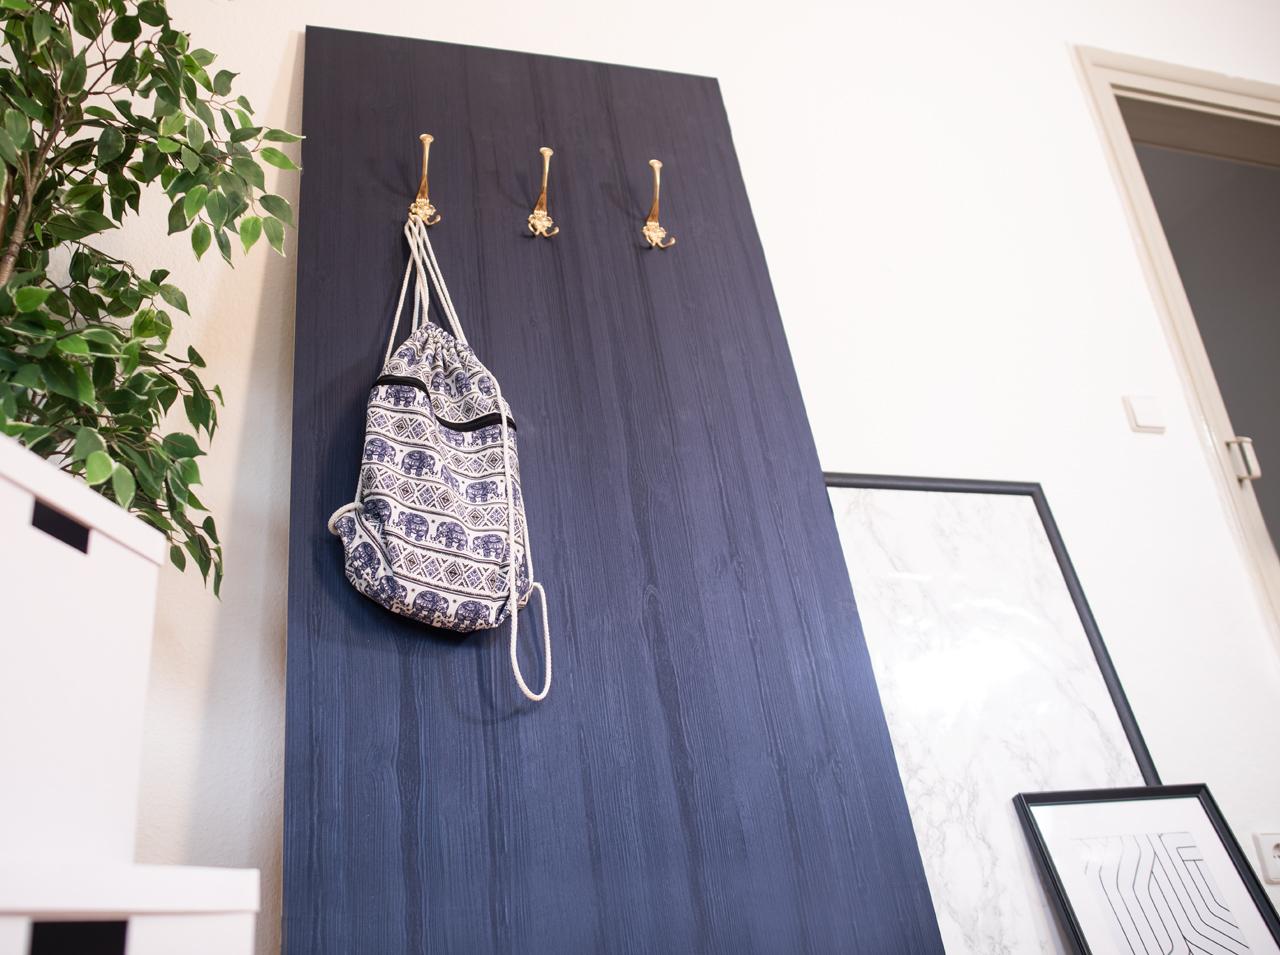 MitPanel ścienny oklejony folią dekoracyjną d-c-fix® z wieszakami jako garderoba DIY z drewnianym wzorem d-c-fix® Dekofolie beklebtes Wandpaneel mit Kleiderhaken als DIY Garderobe in Holzoptik